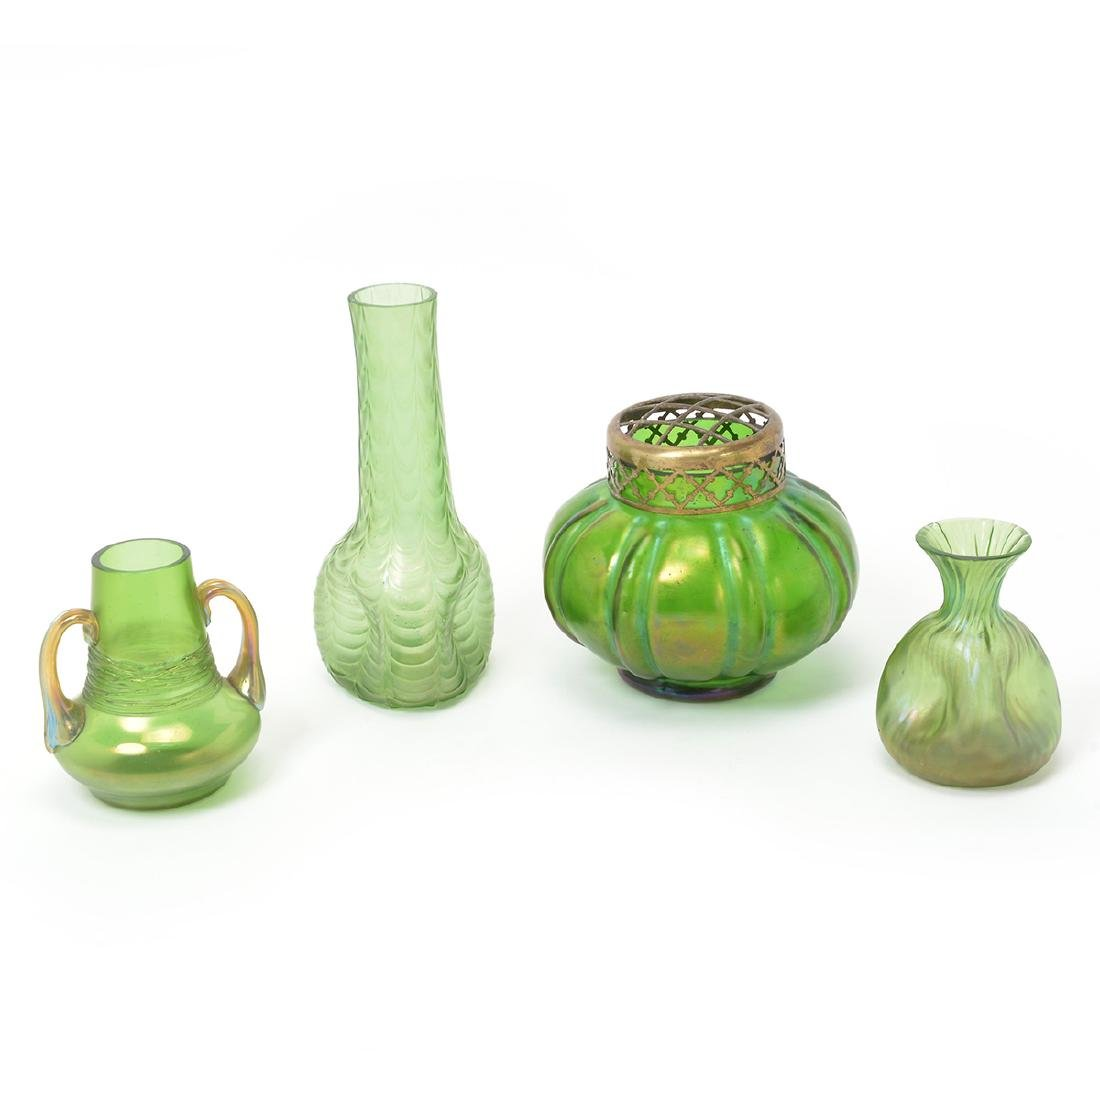 Austrian Loetz Type Green Glass Articles